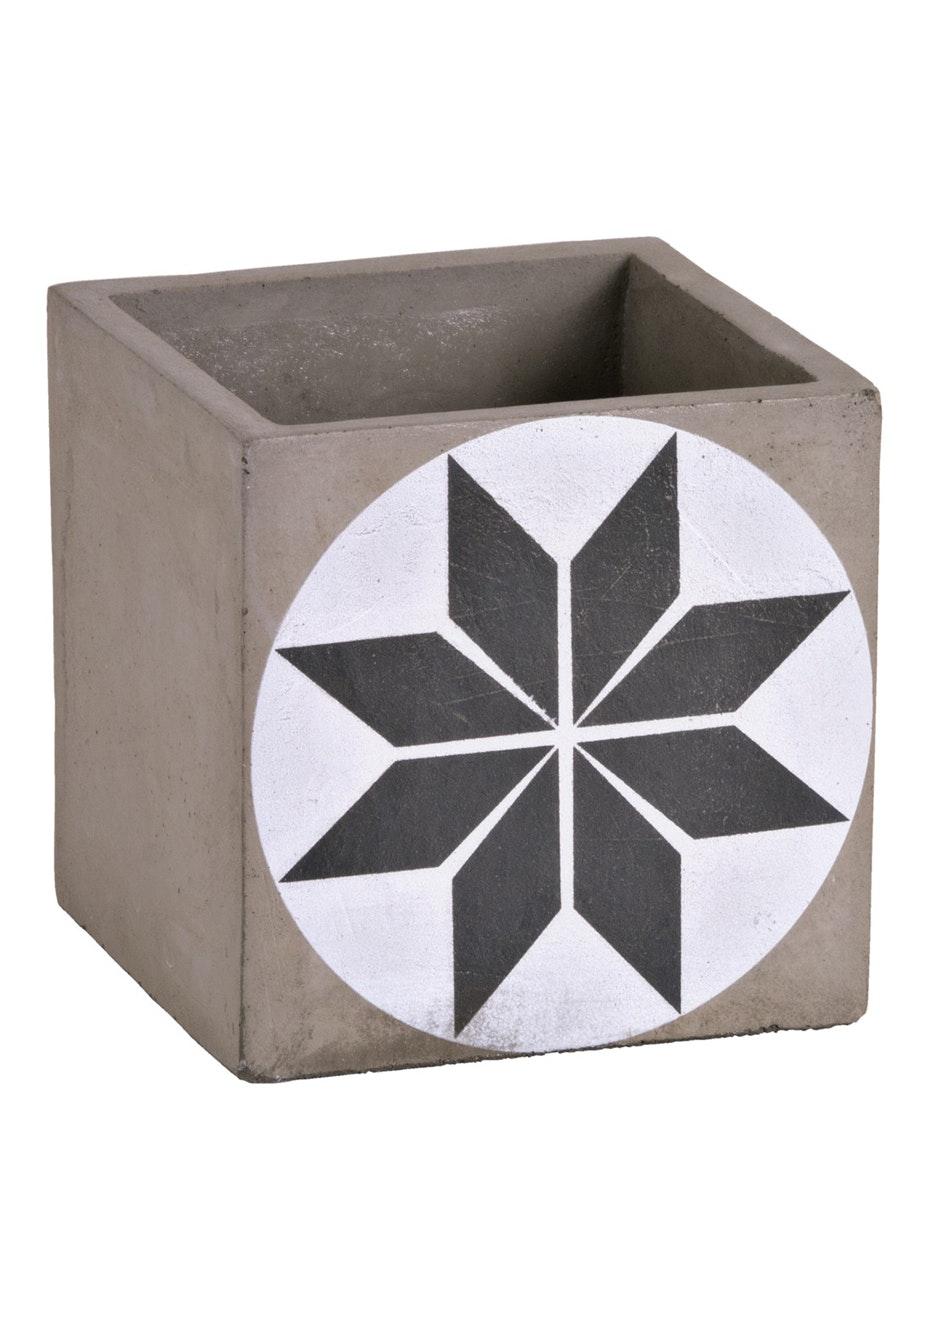 Jason - Concrete star pattern planter - Printed Concrete